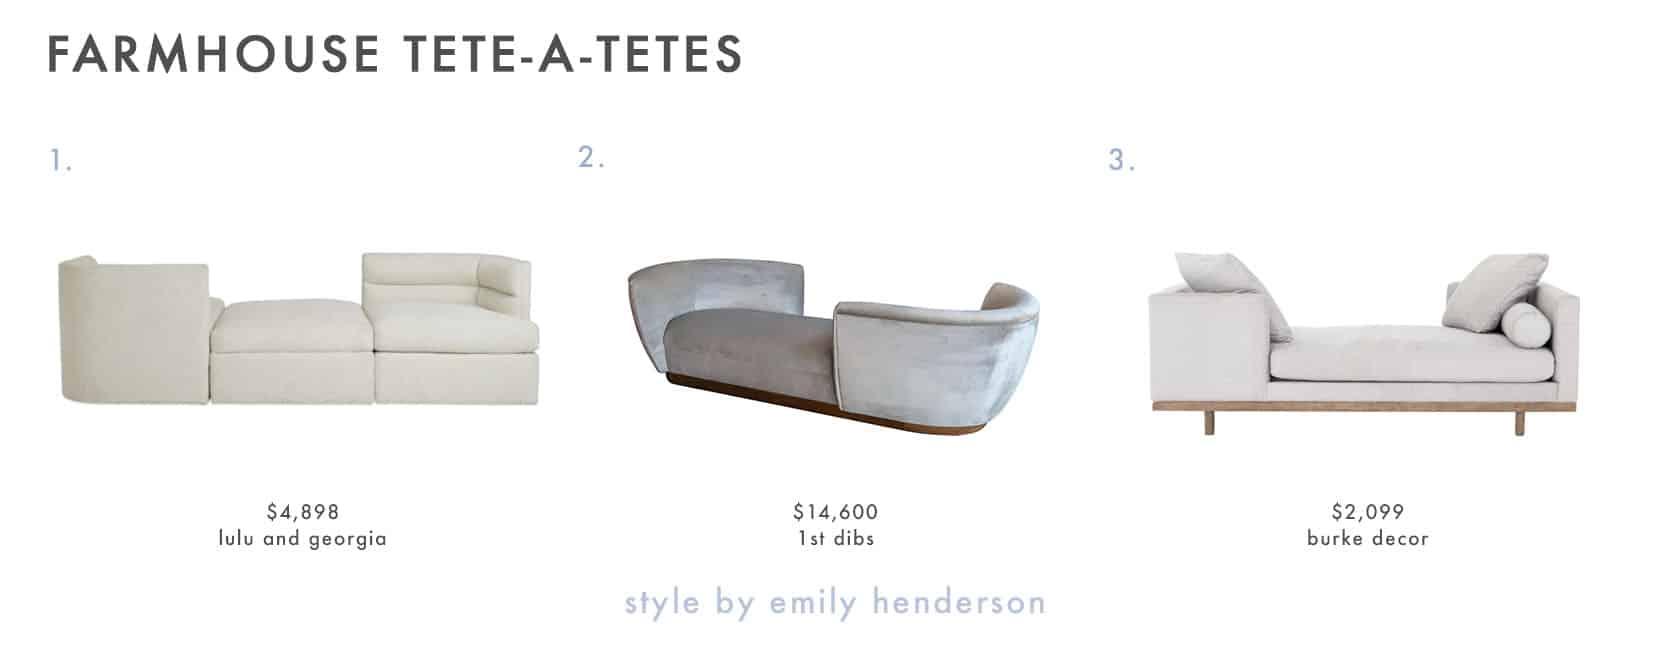 Emily Henderson Farmhouse Shopping List Tete A Tete